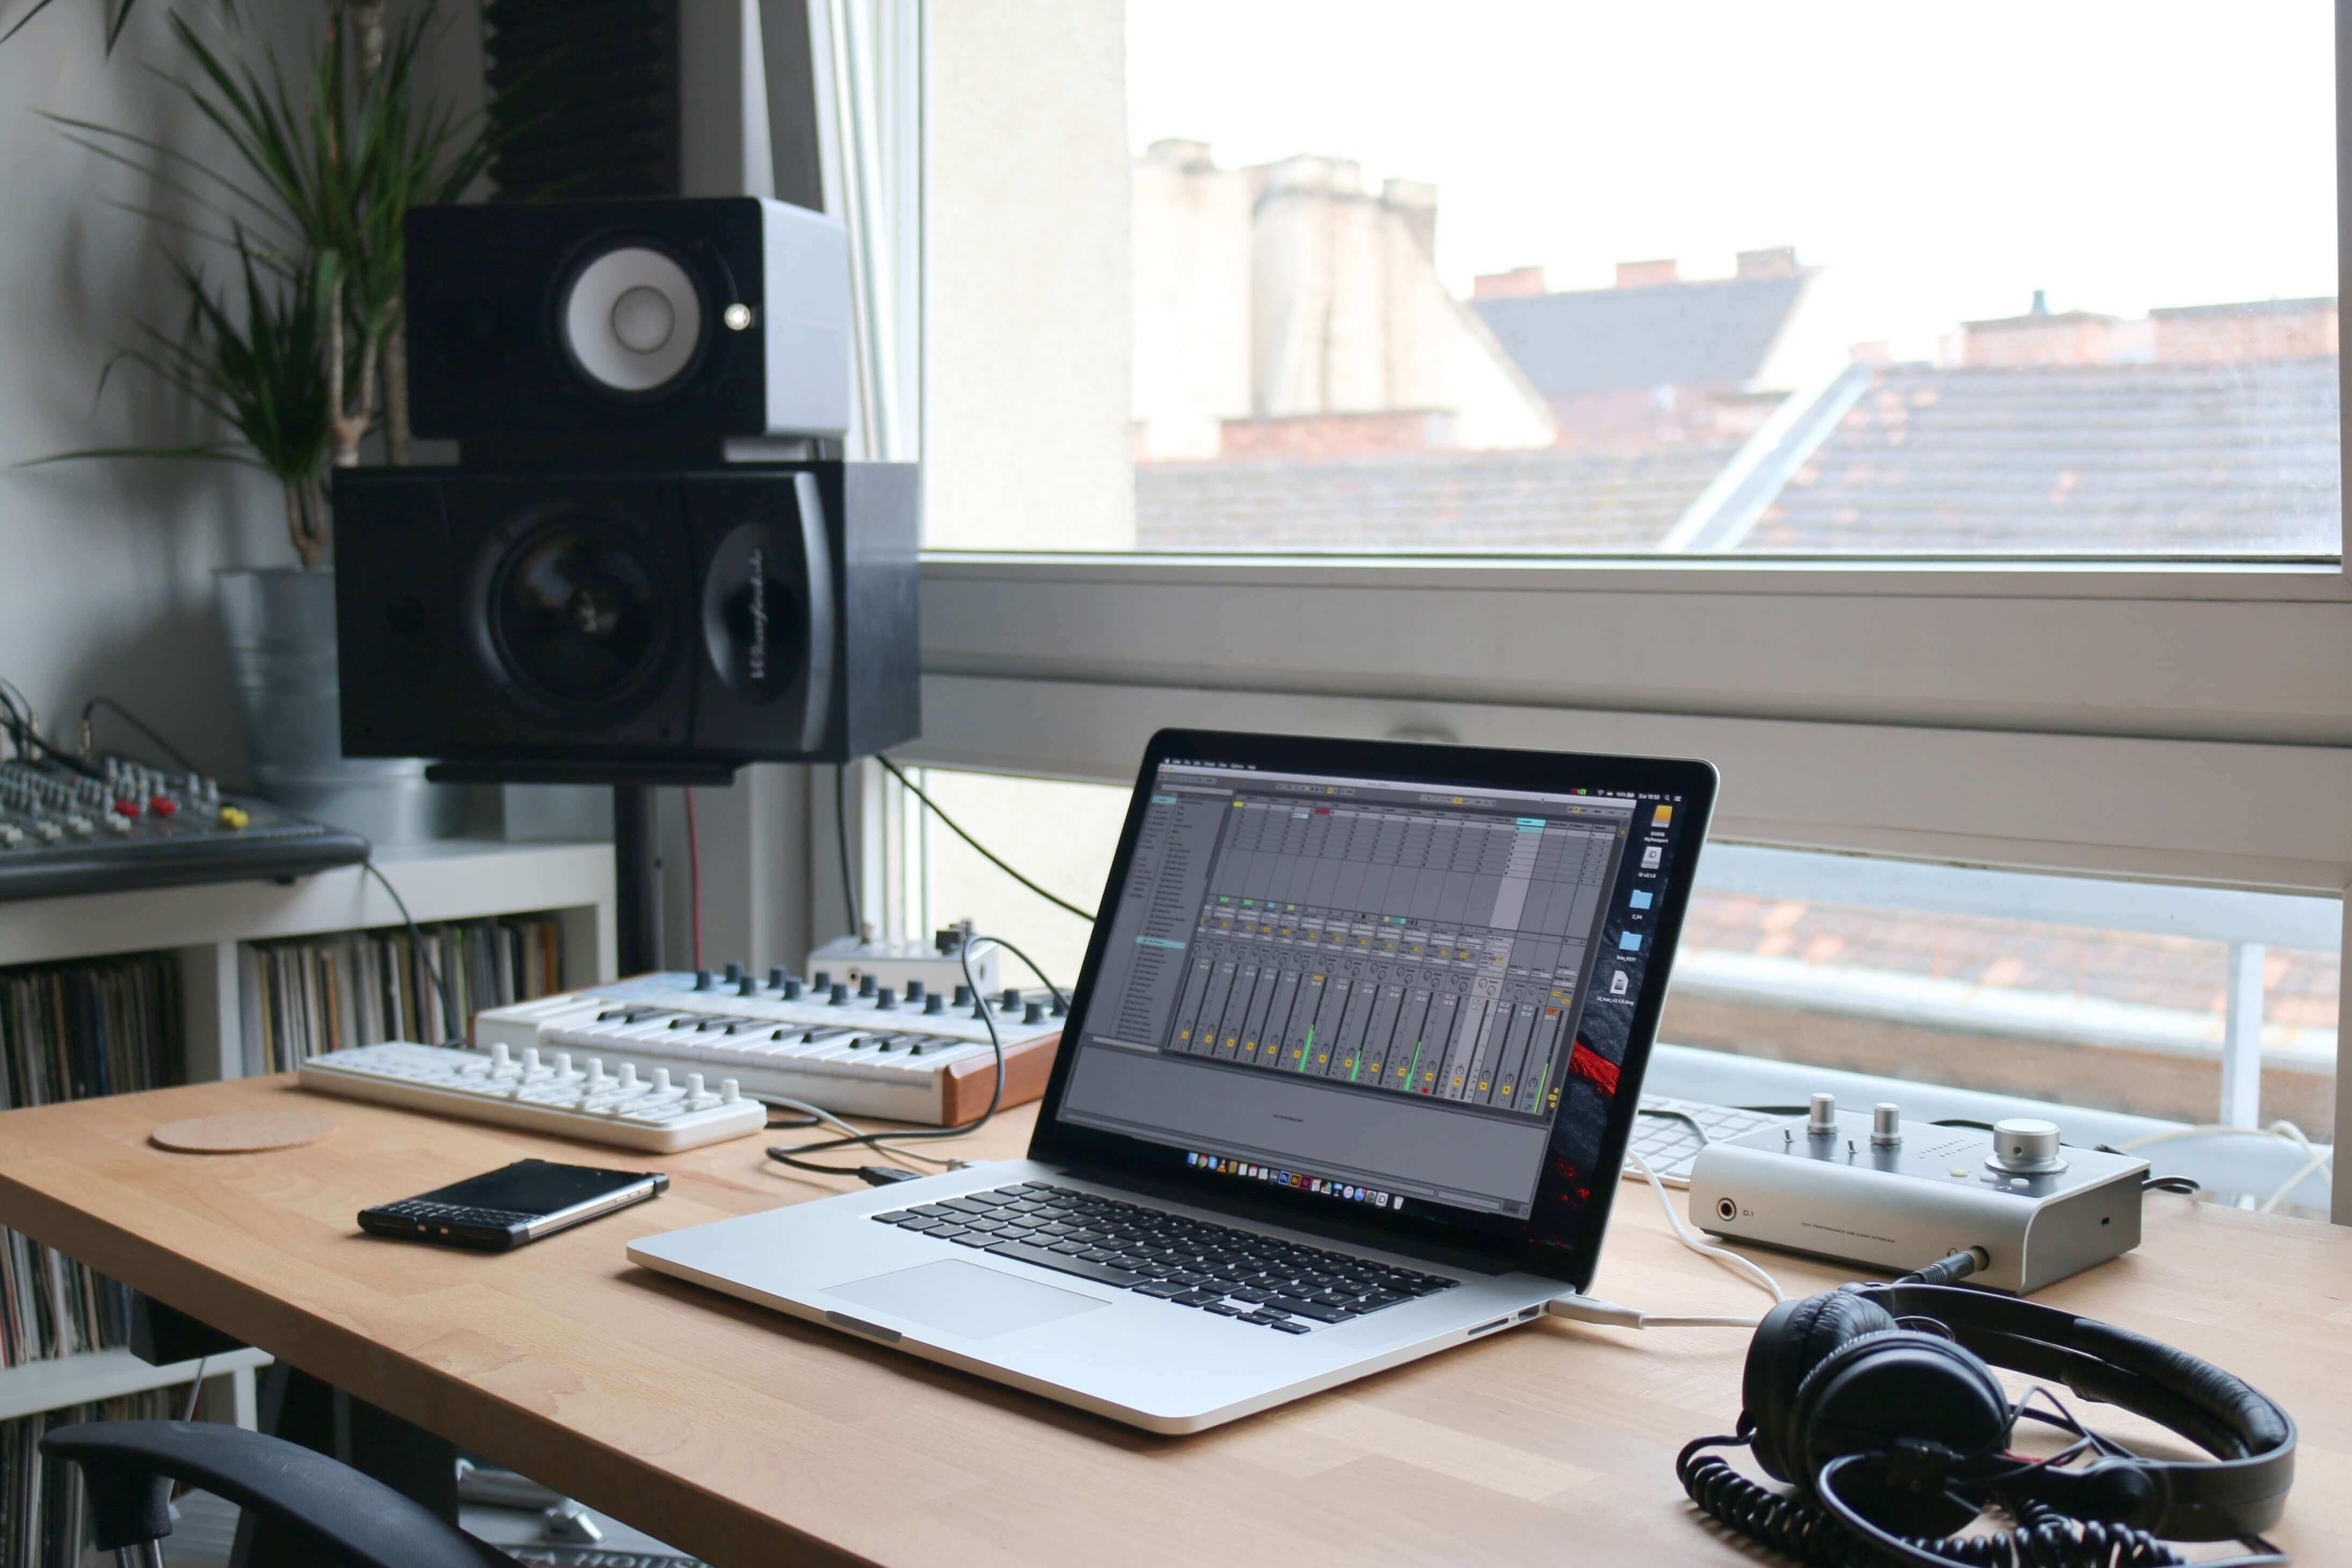 Programmi per creare musica Studio di registrazione